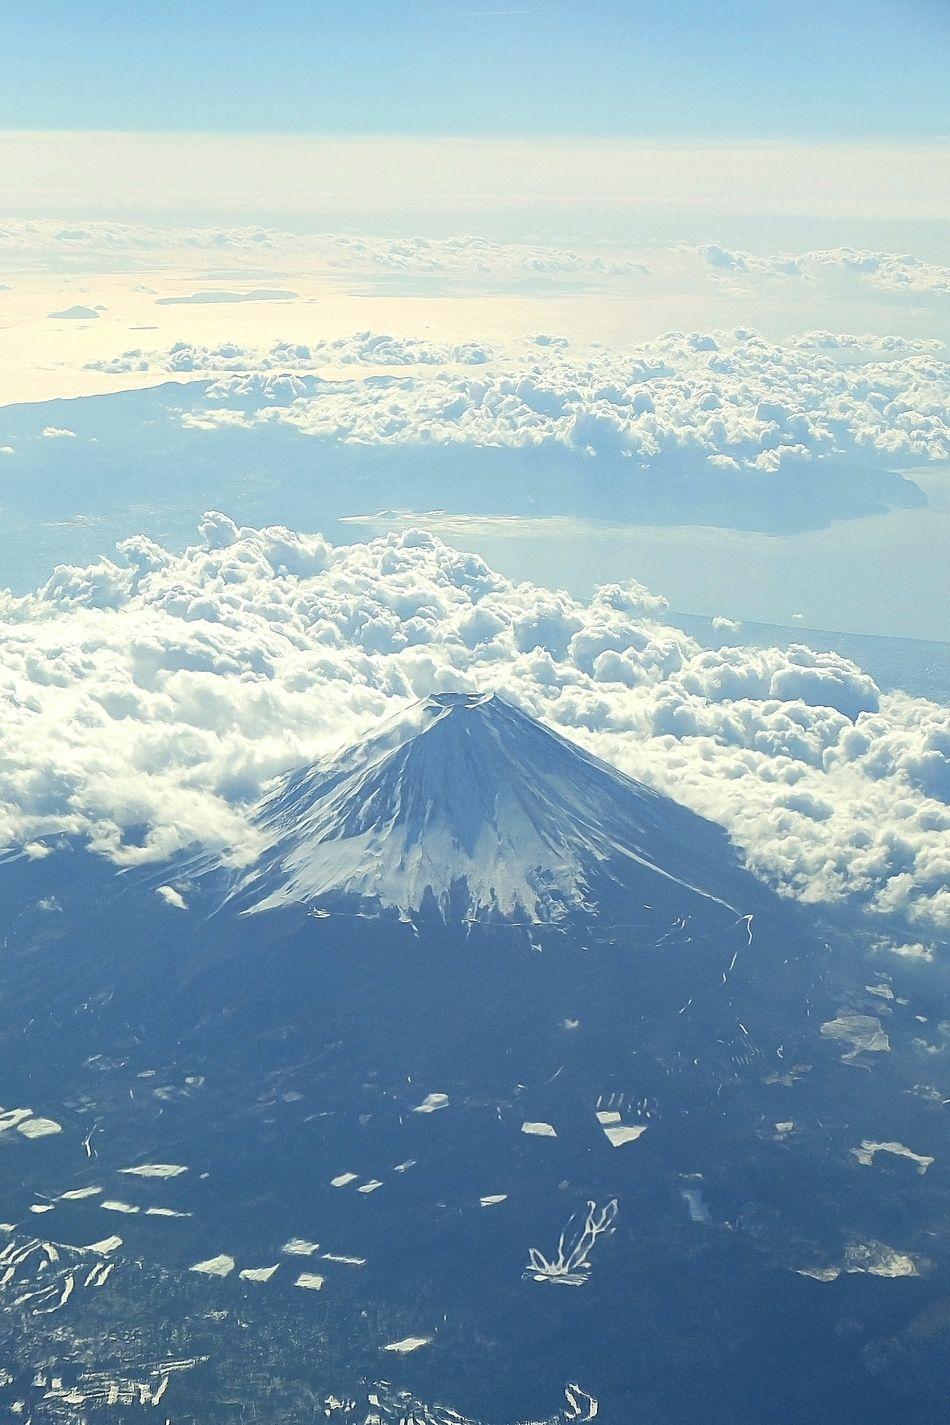 Mt. Fuji Fuji Mountain